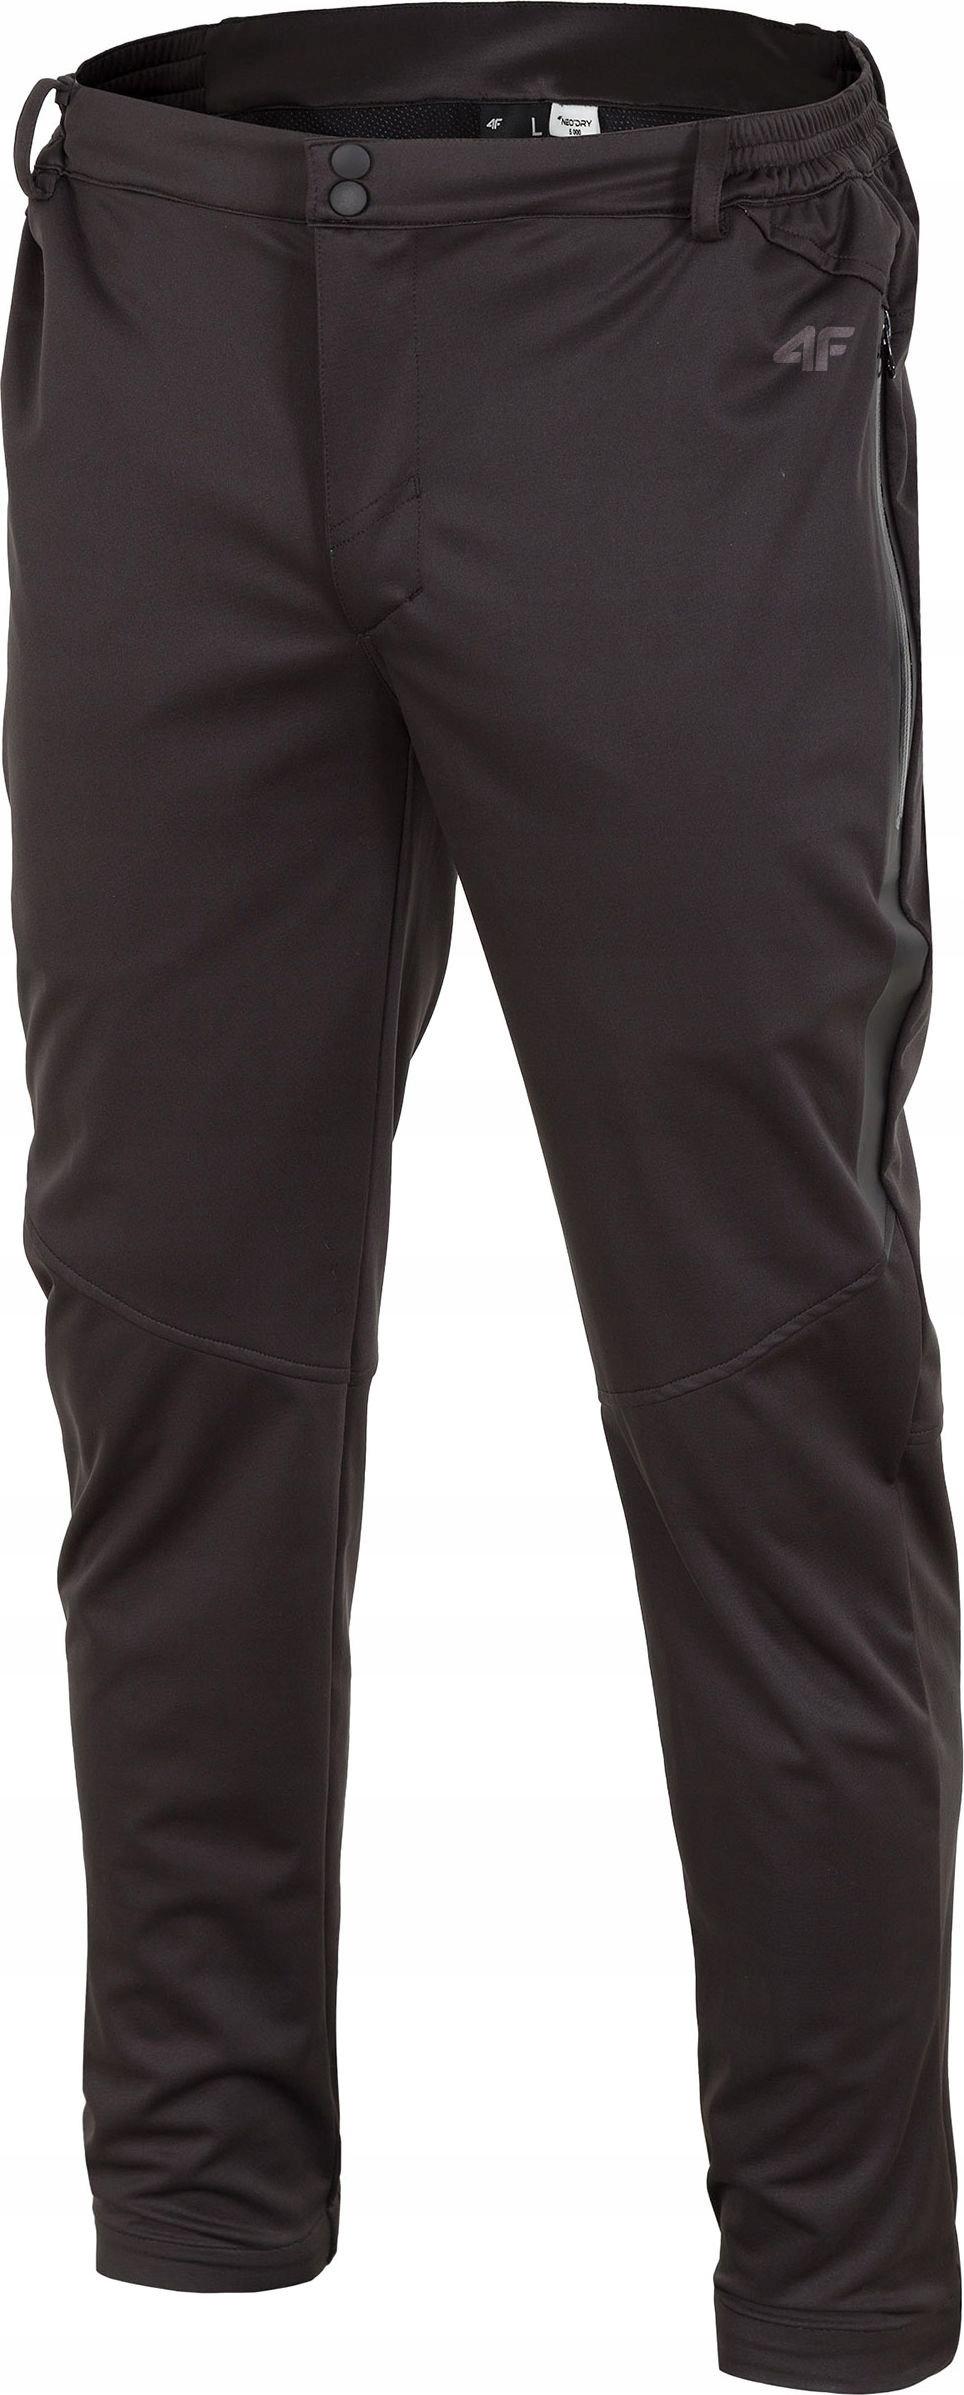 4f Spodnie męskie trekkingowe H4Z18-SPMT001 r. L